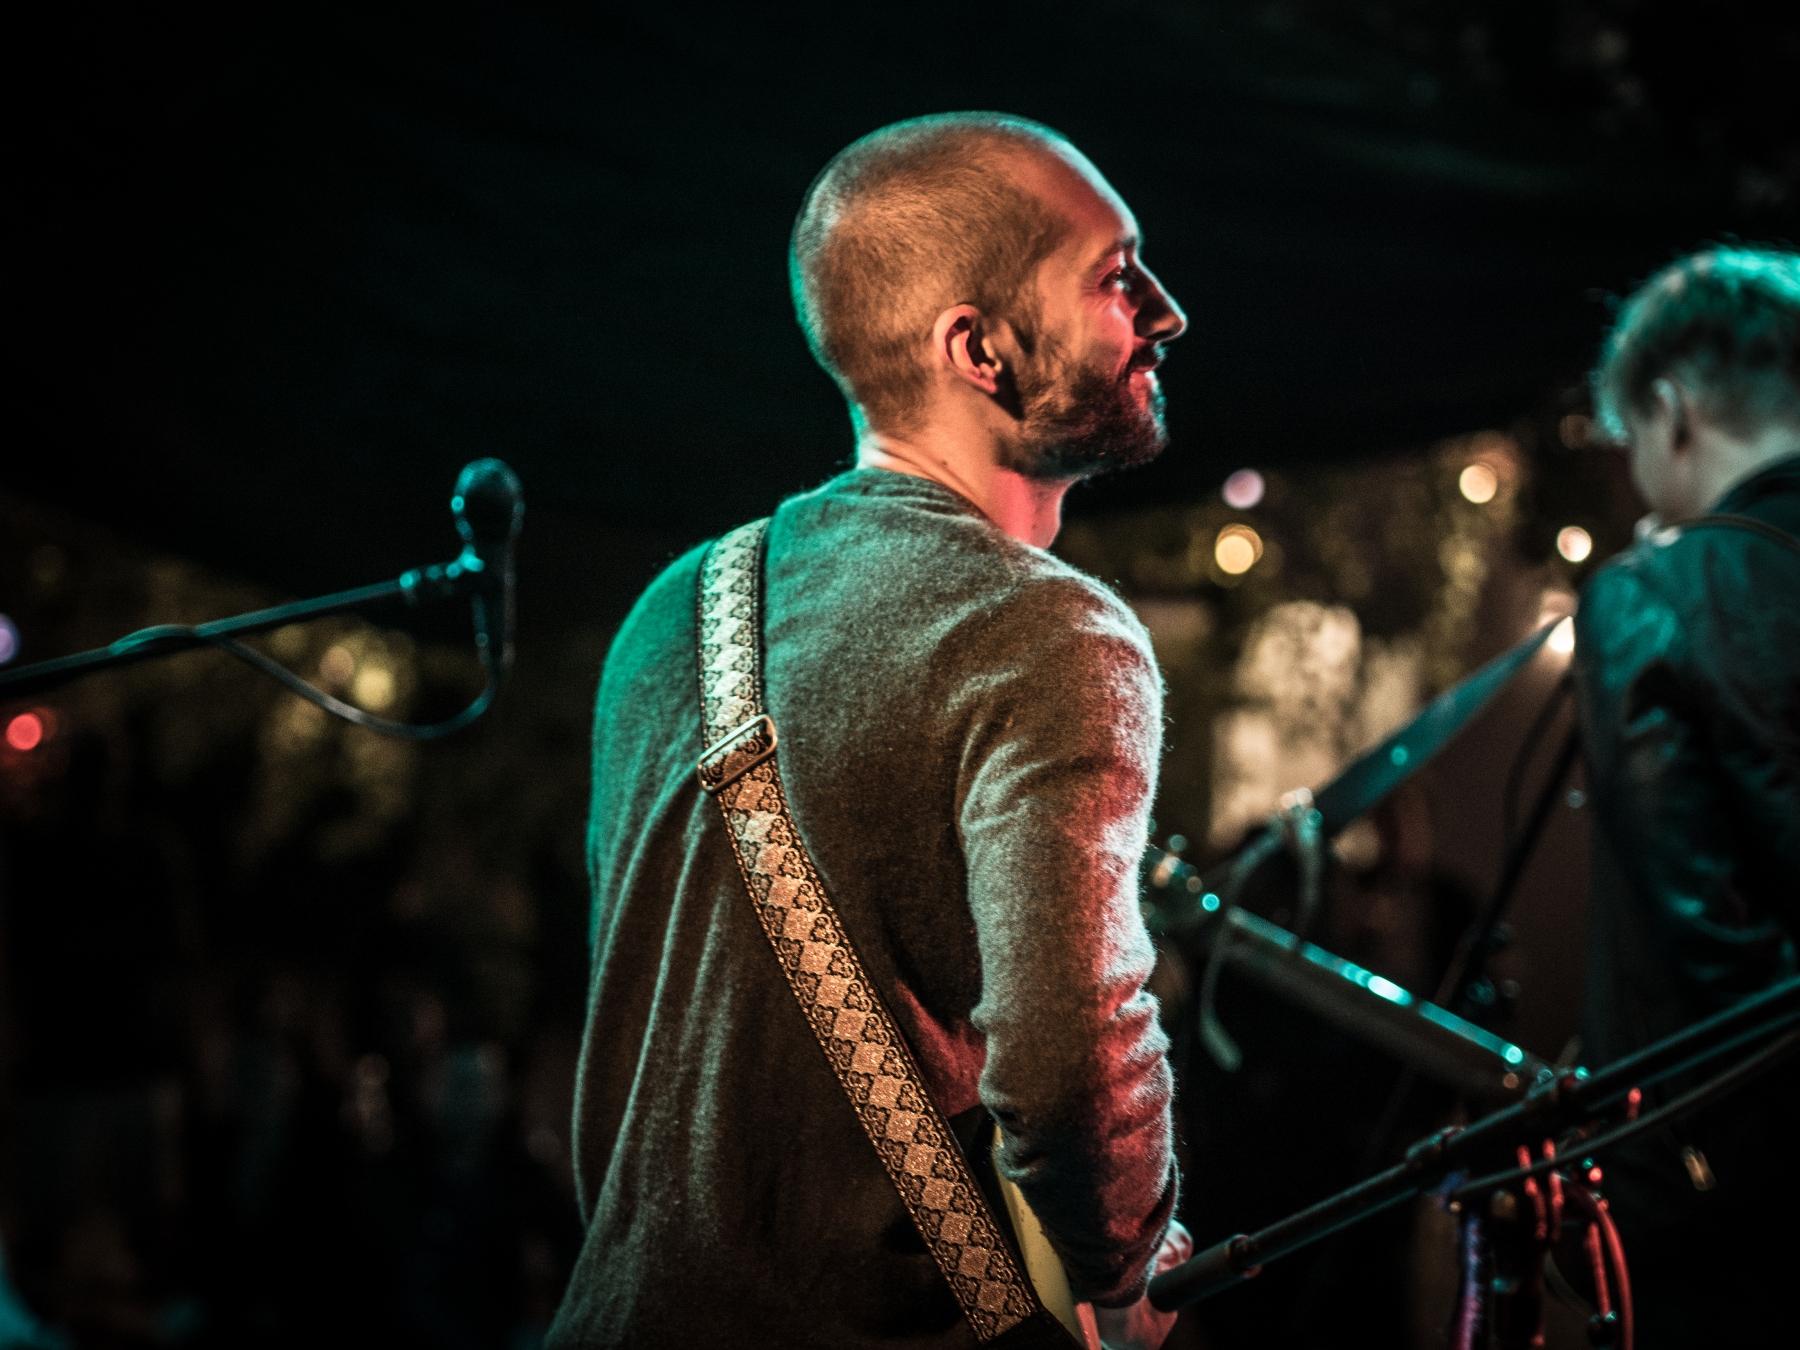 dominik nicolas en concert